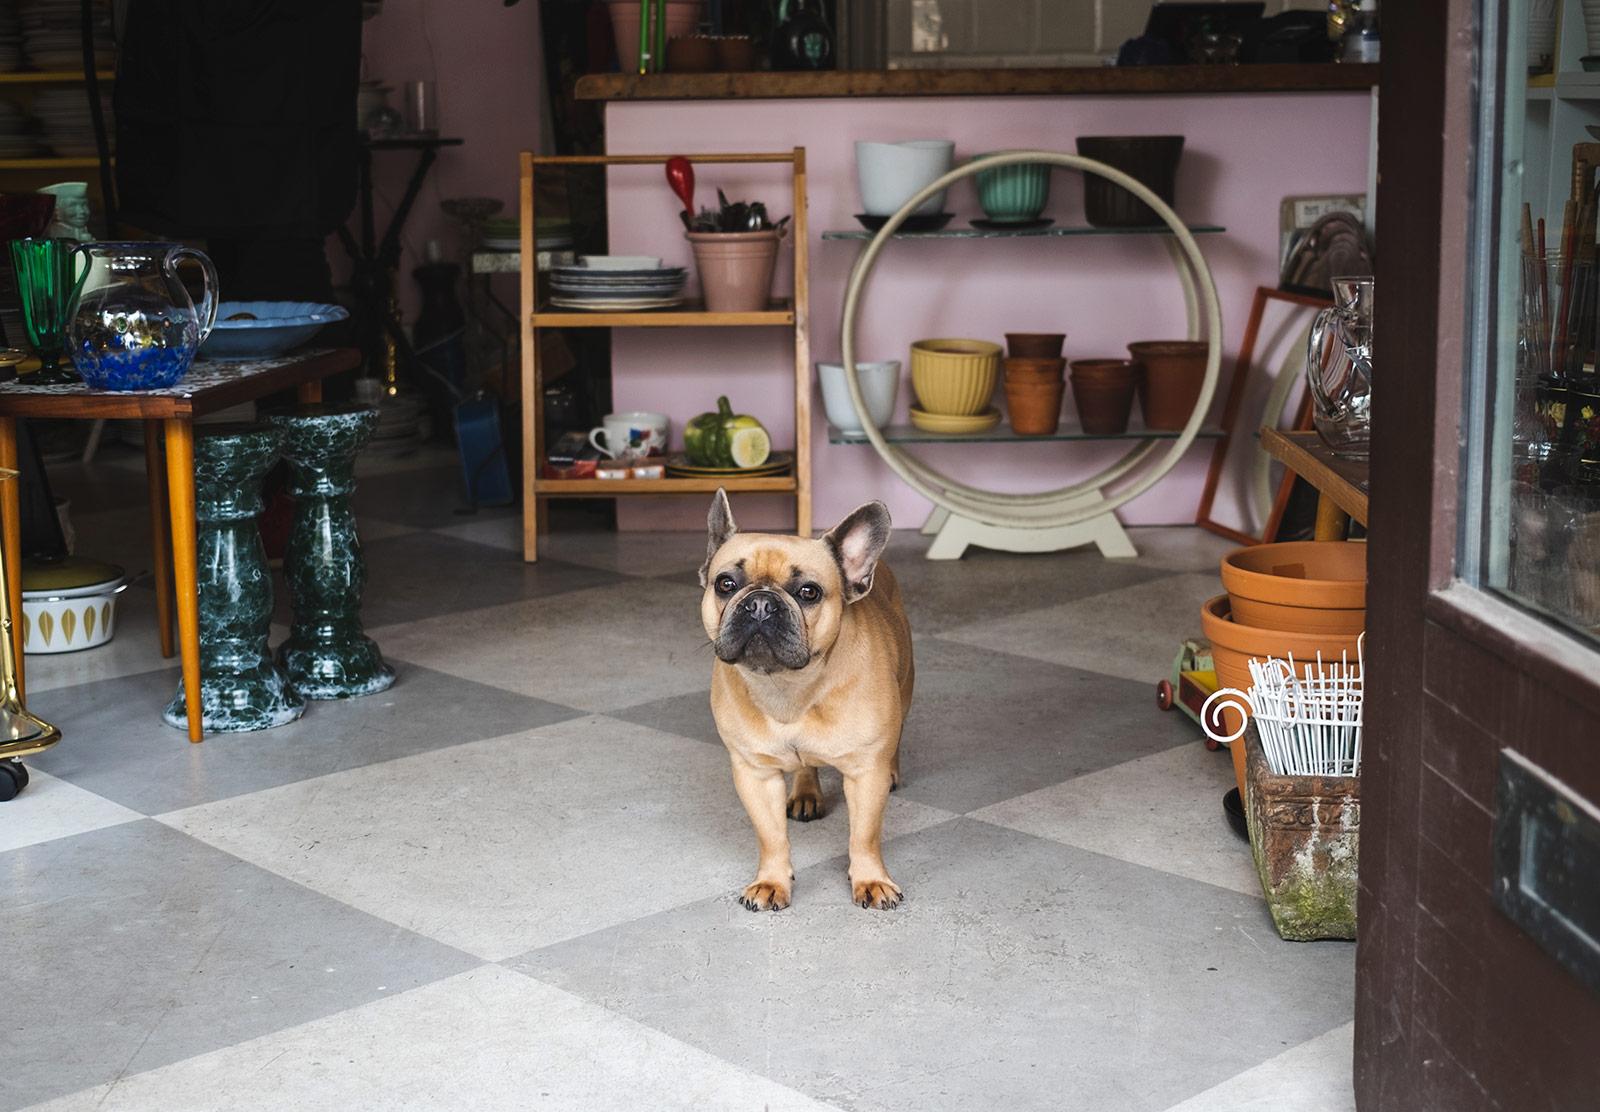 Dog in shop doorway